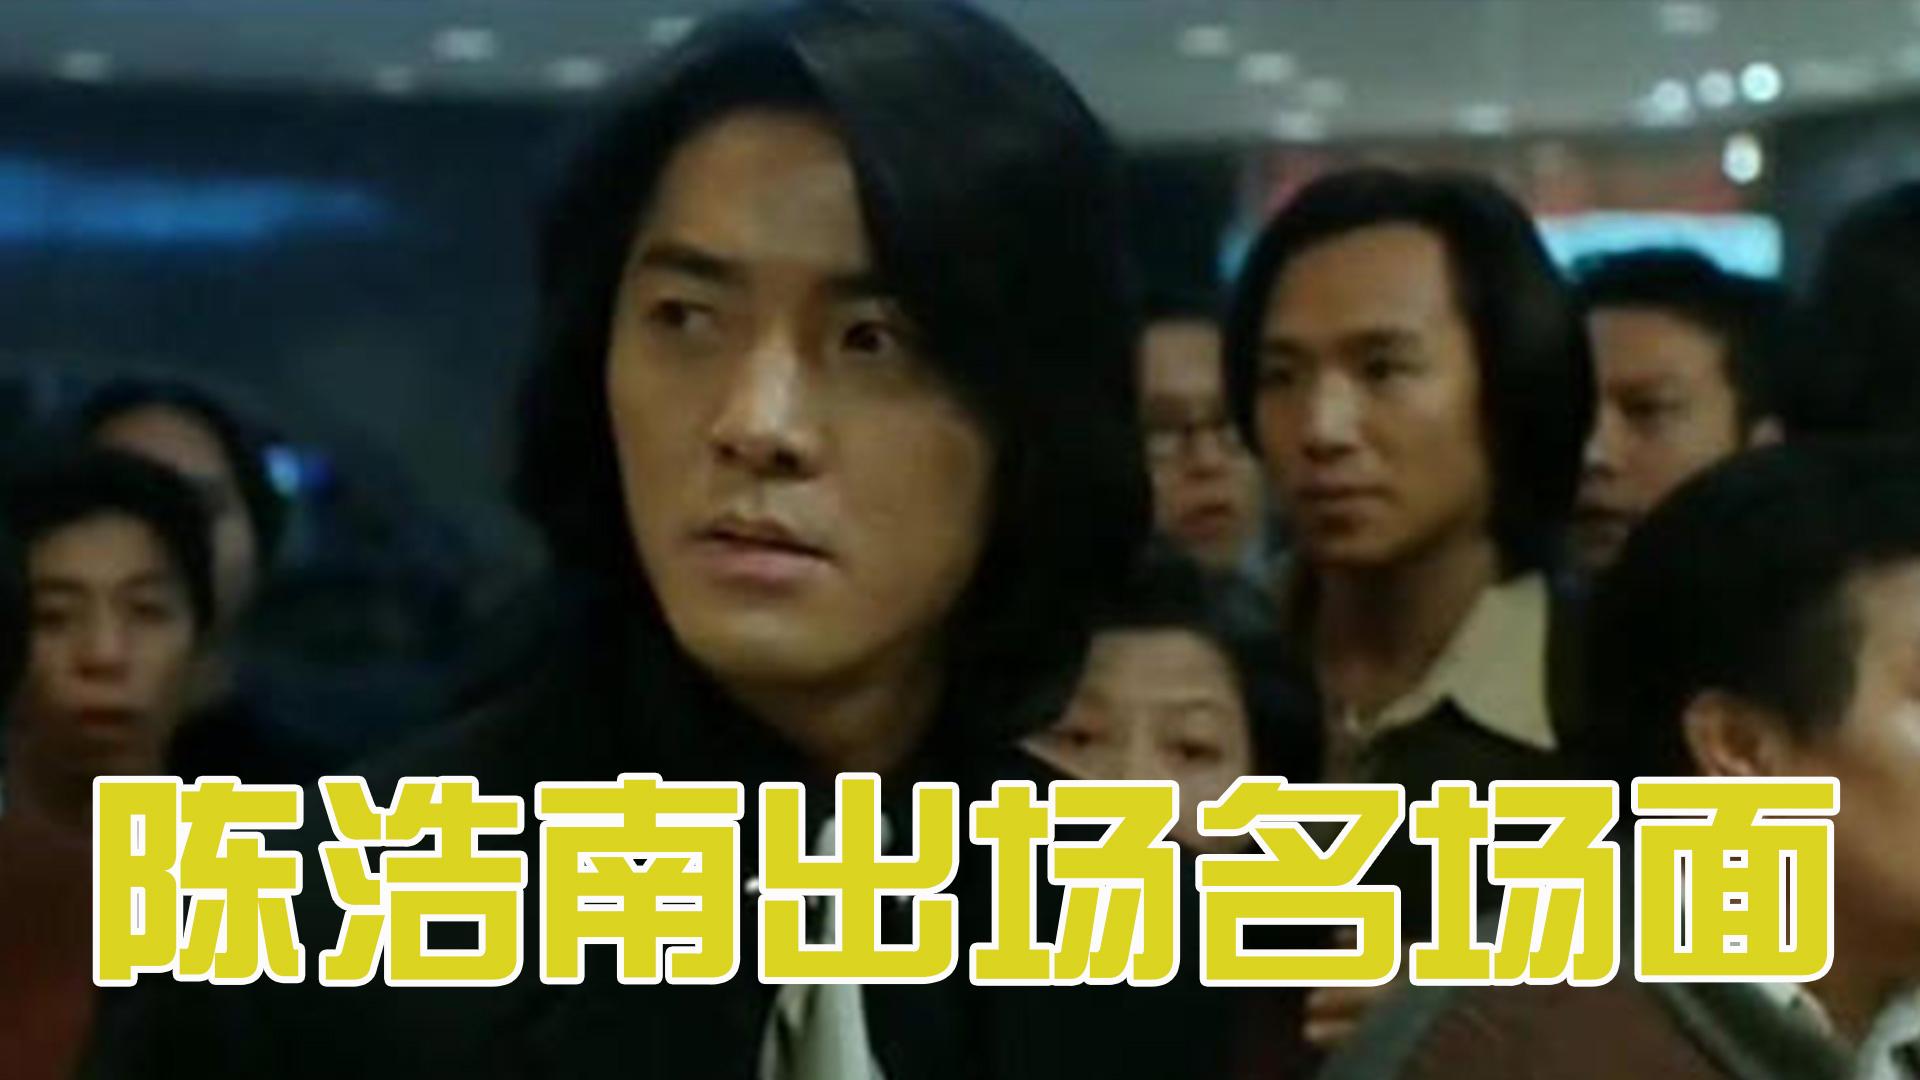 陈浩南砸场名场面,一来就是几百小弟,从气势上压倒对手!